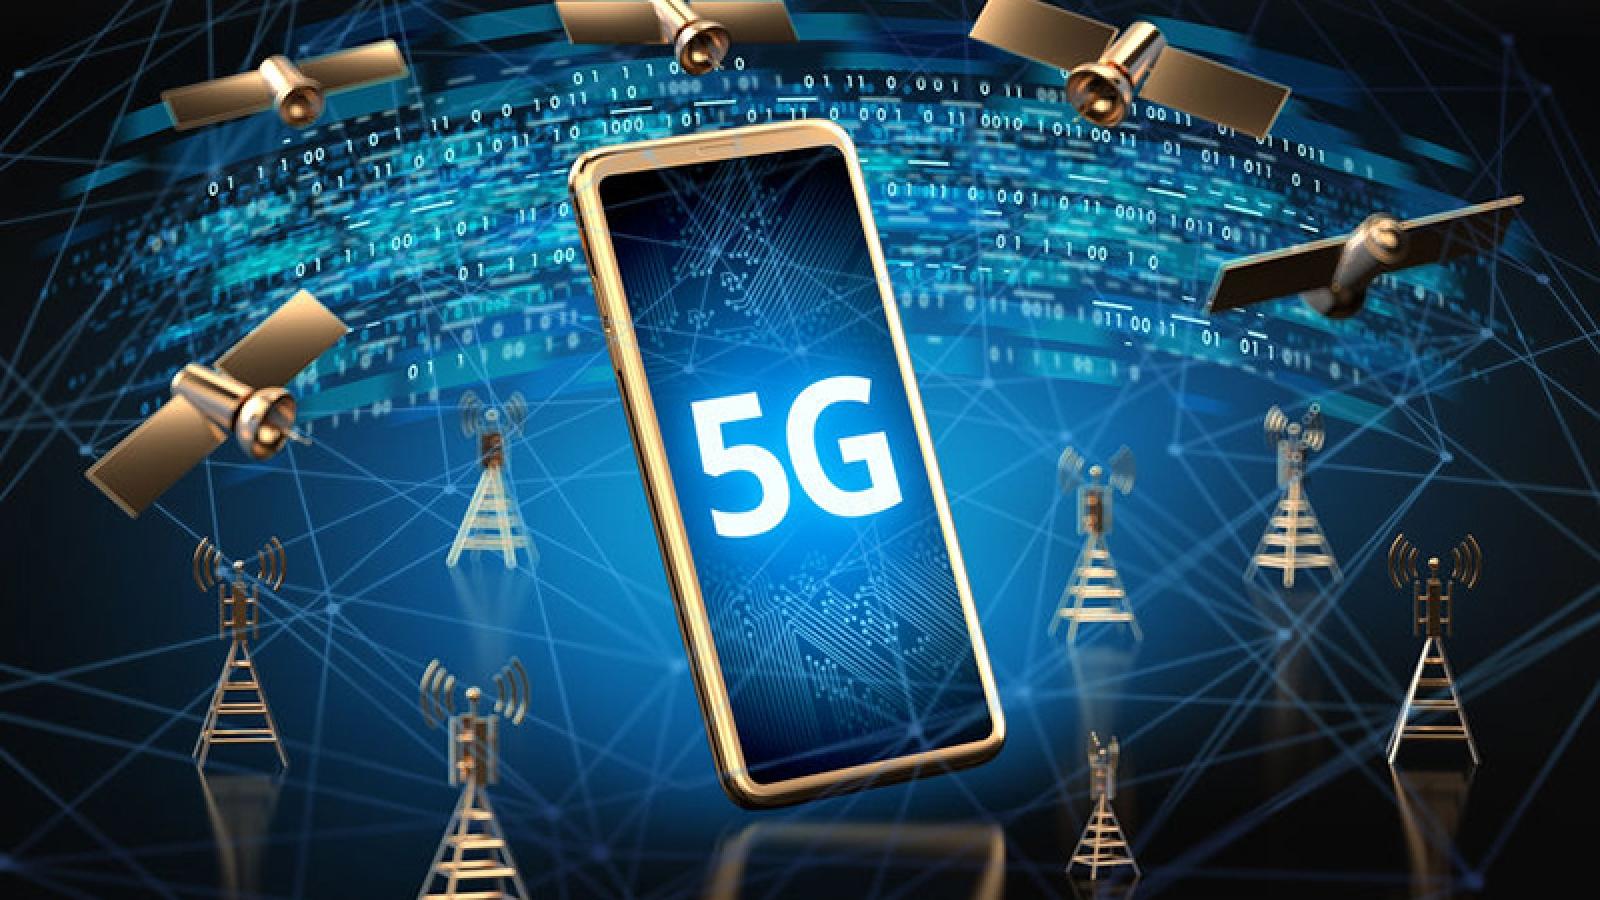 Hàn Quốc dẫn đầu về tốc độ 5G, gấp 10 lần Mỹ